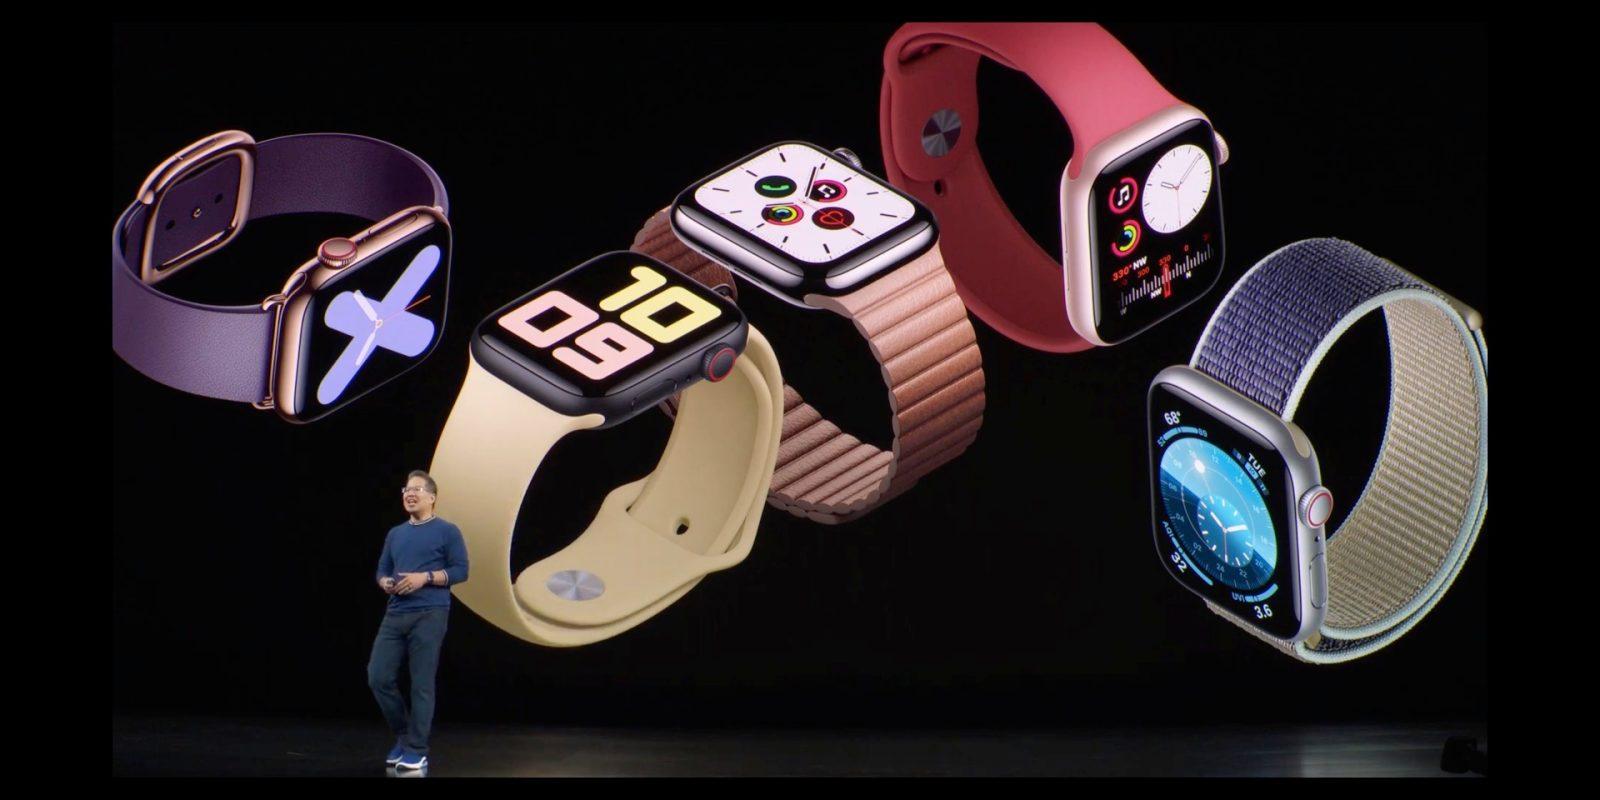 Tổng hợp những thông tin cần biết sau sự kiện quan trọng nhất năm 2019 của Apple - Hình 4